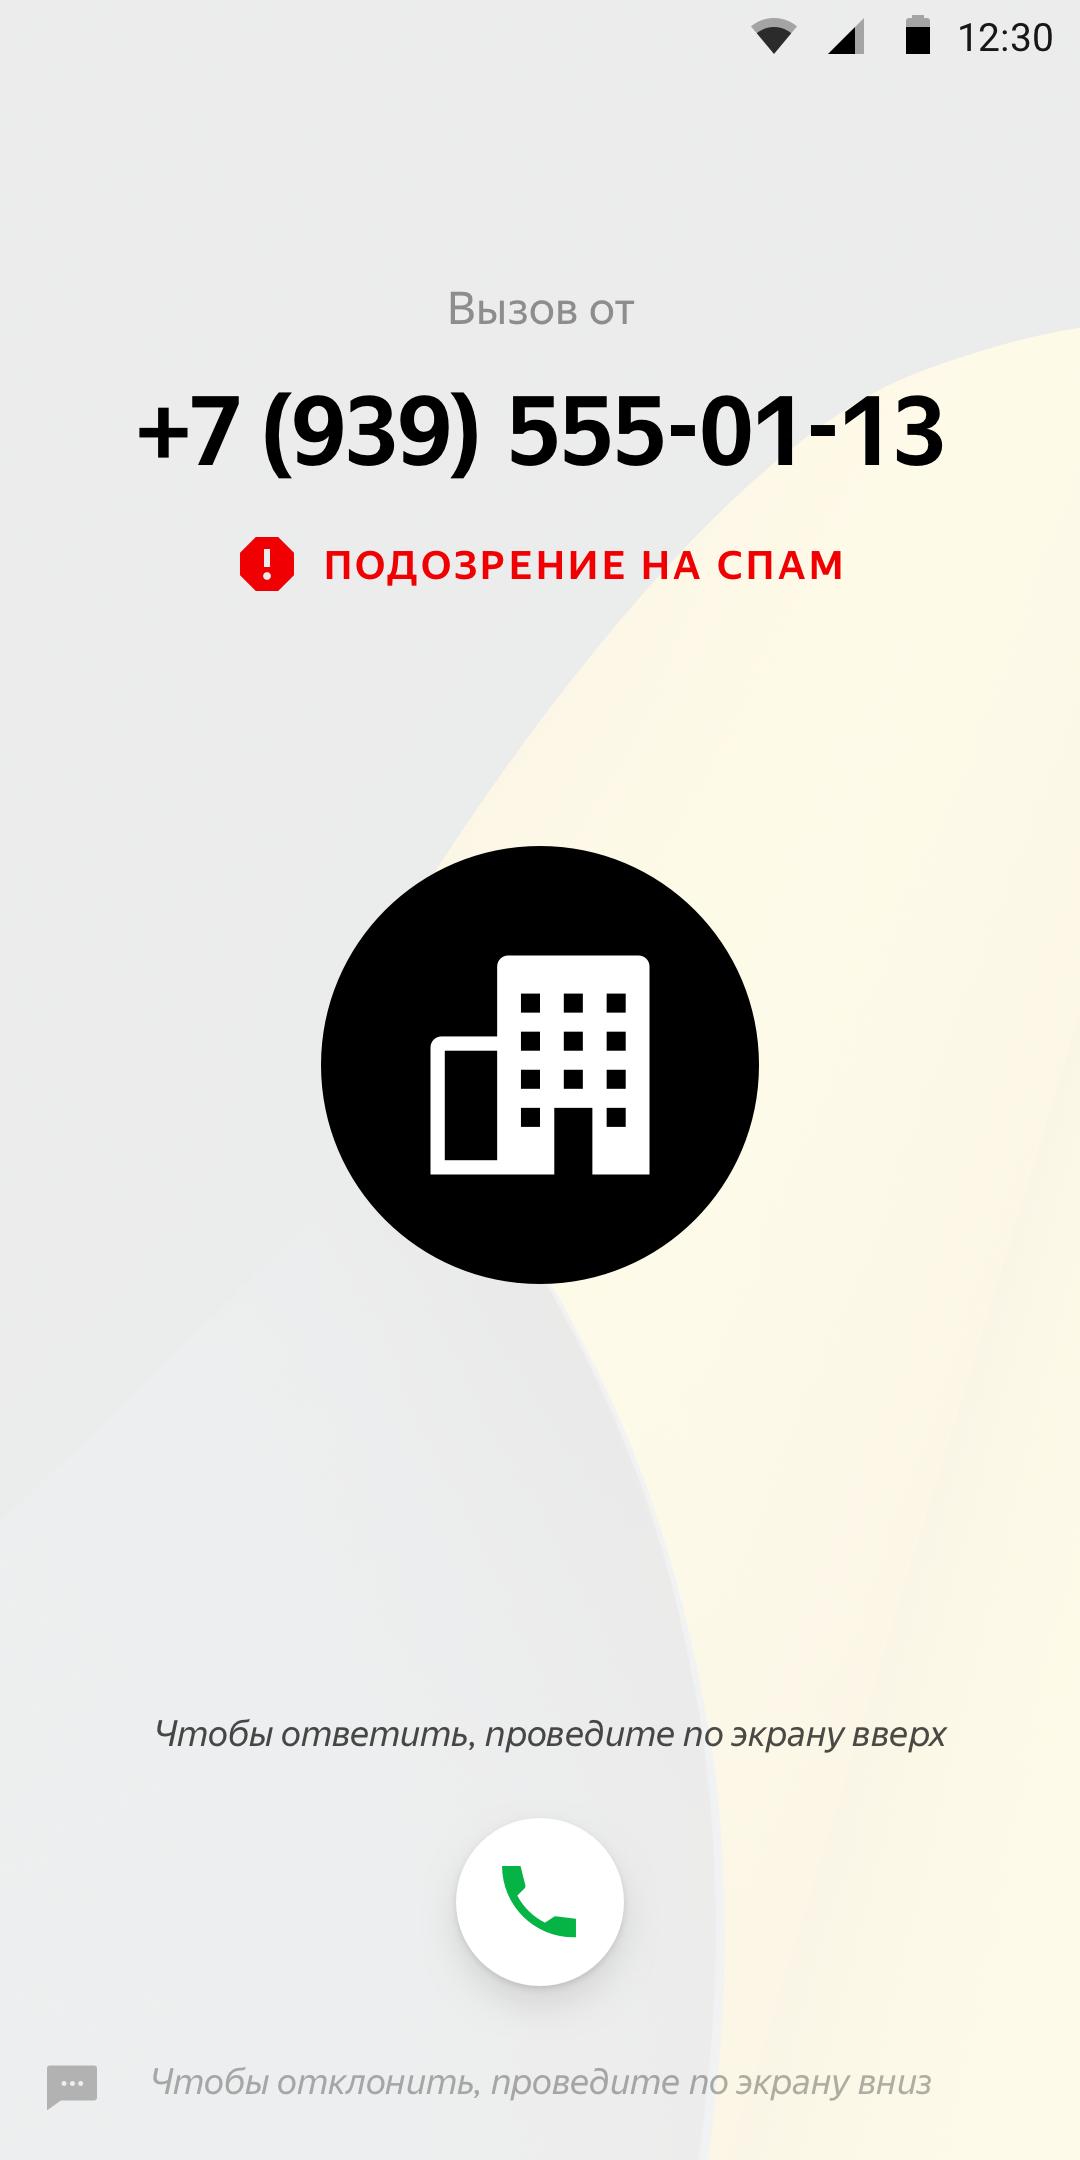 Встречаем Яндекс.Телефон — теперь официально - 4